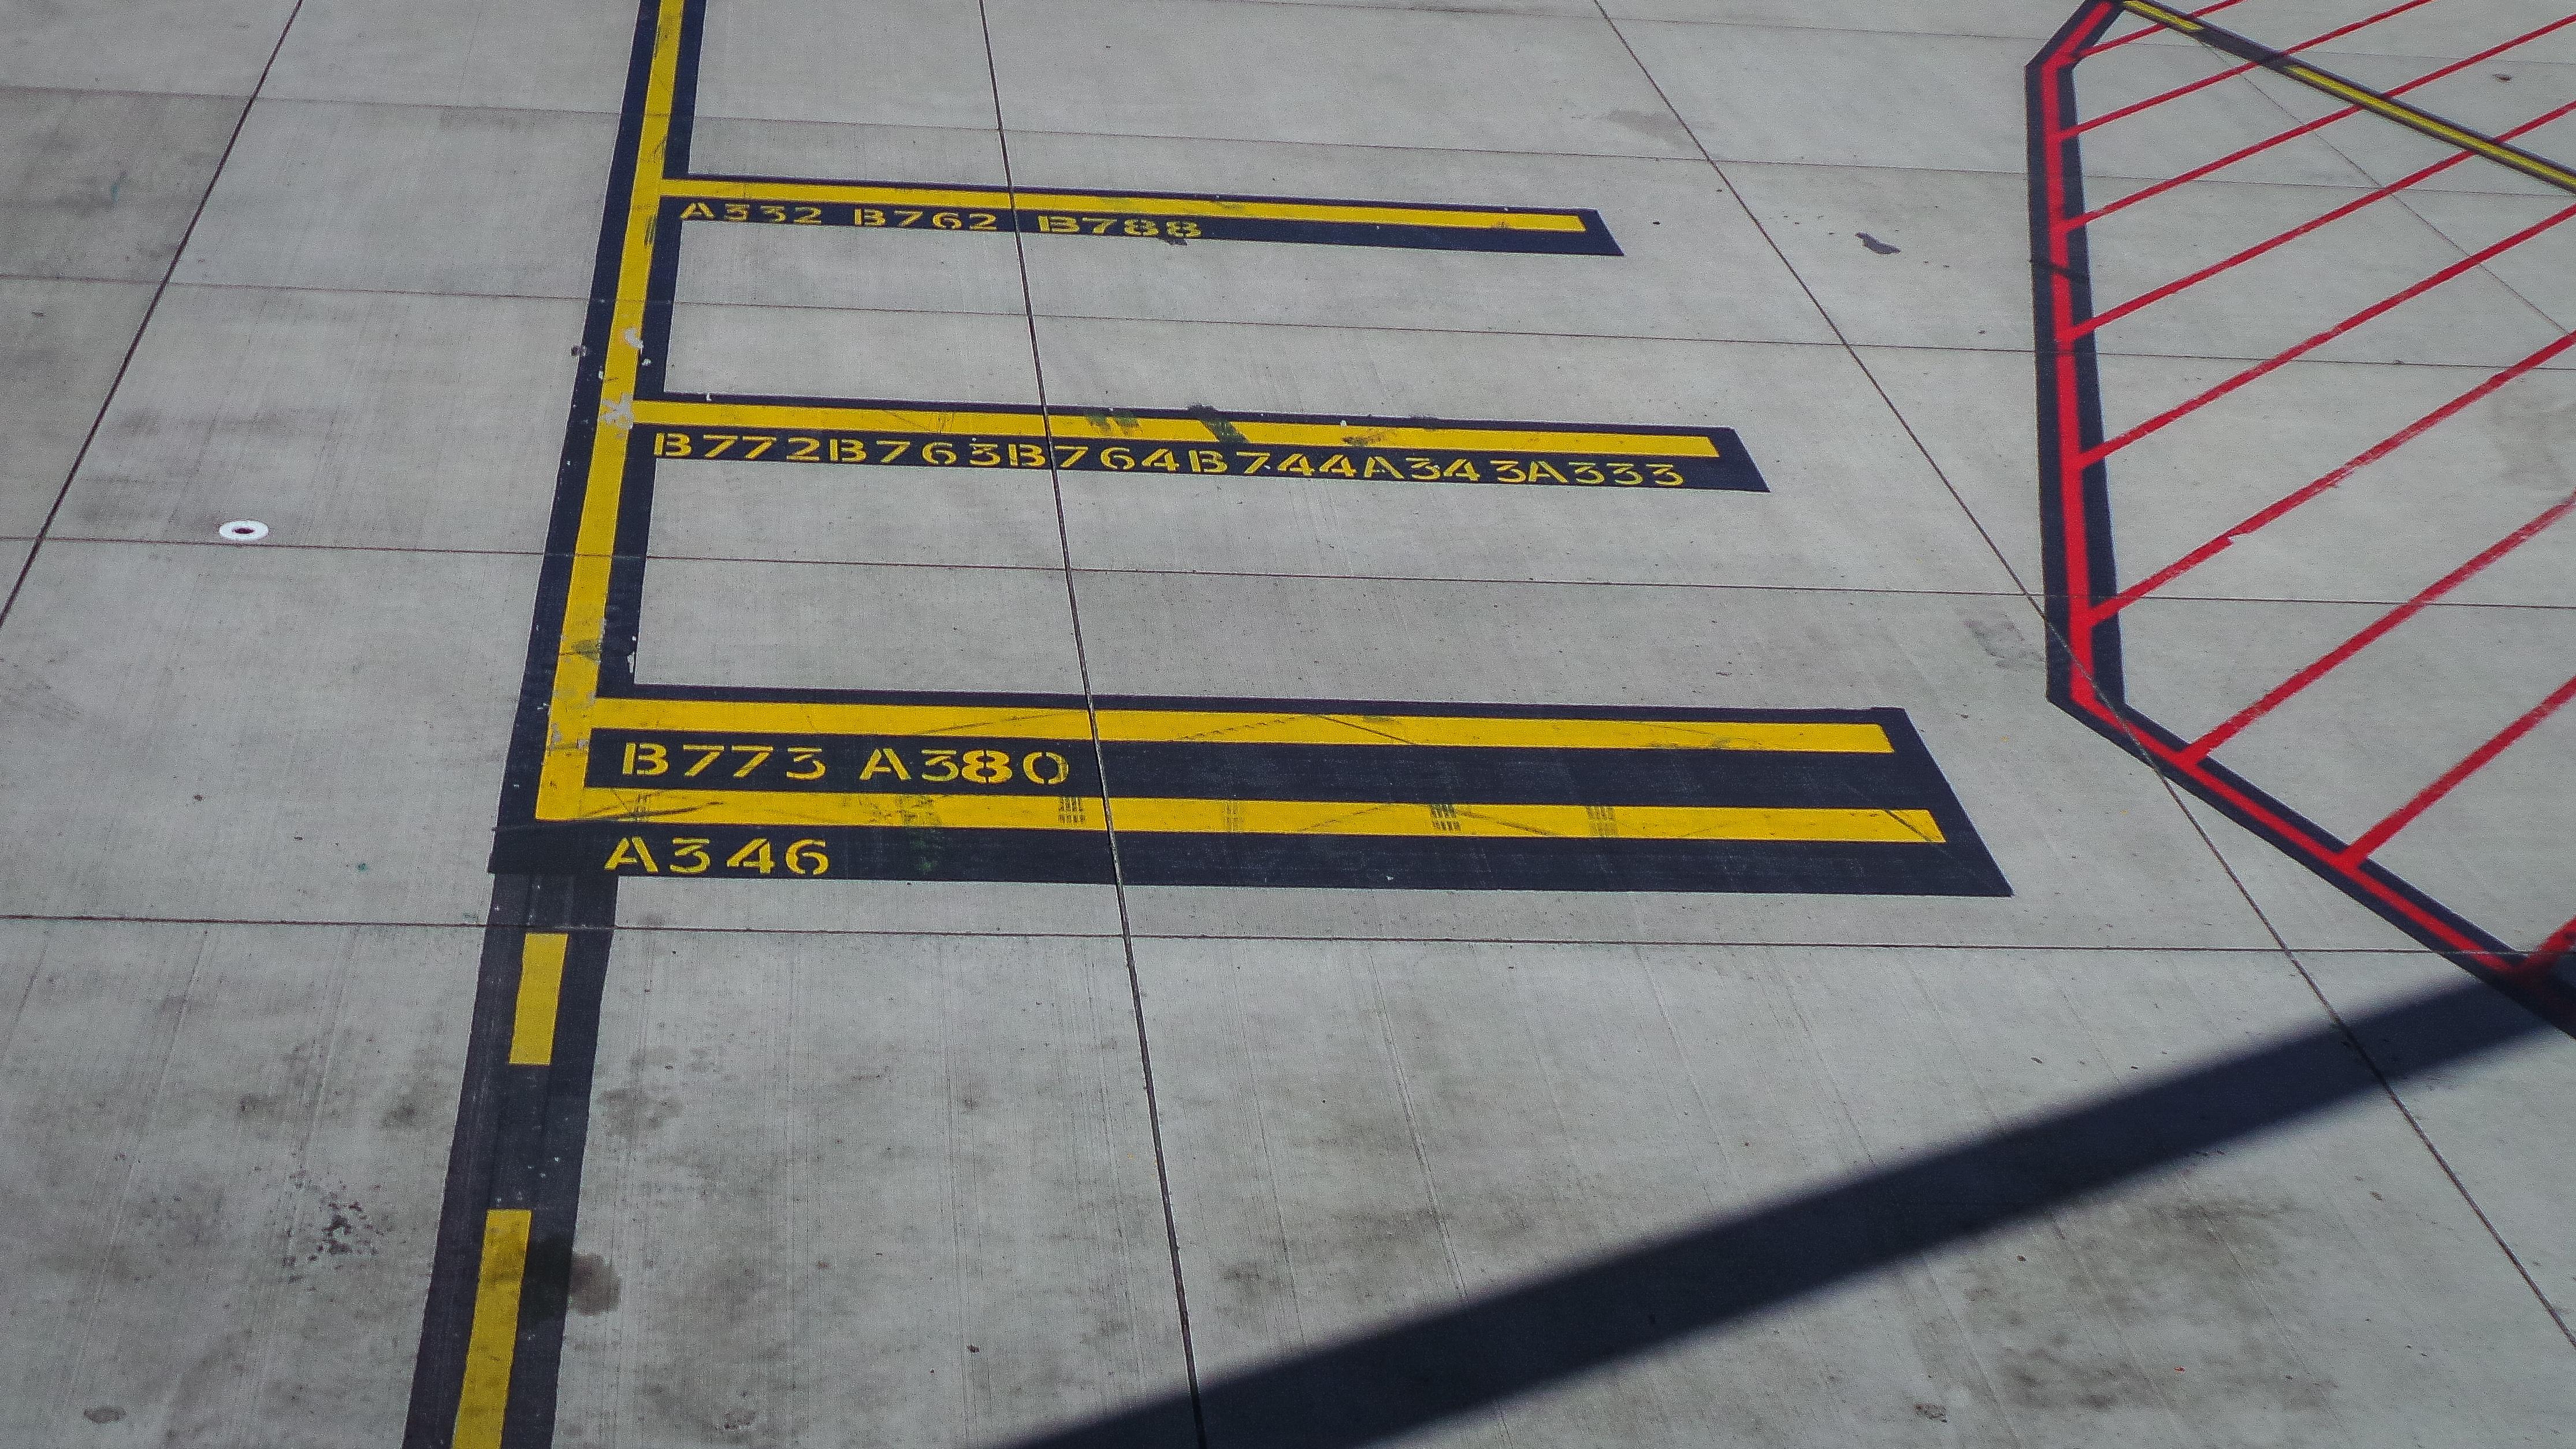 Sfondi : ombra rosso nero linee luce del sole giallo aereo